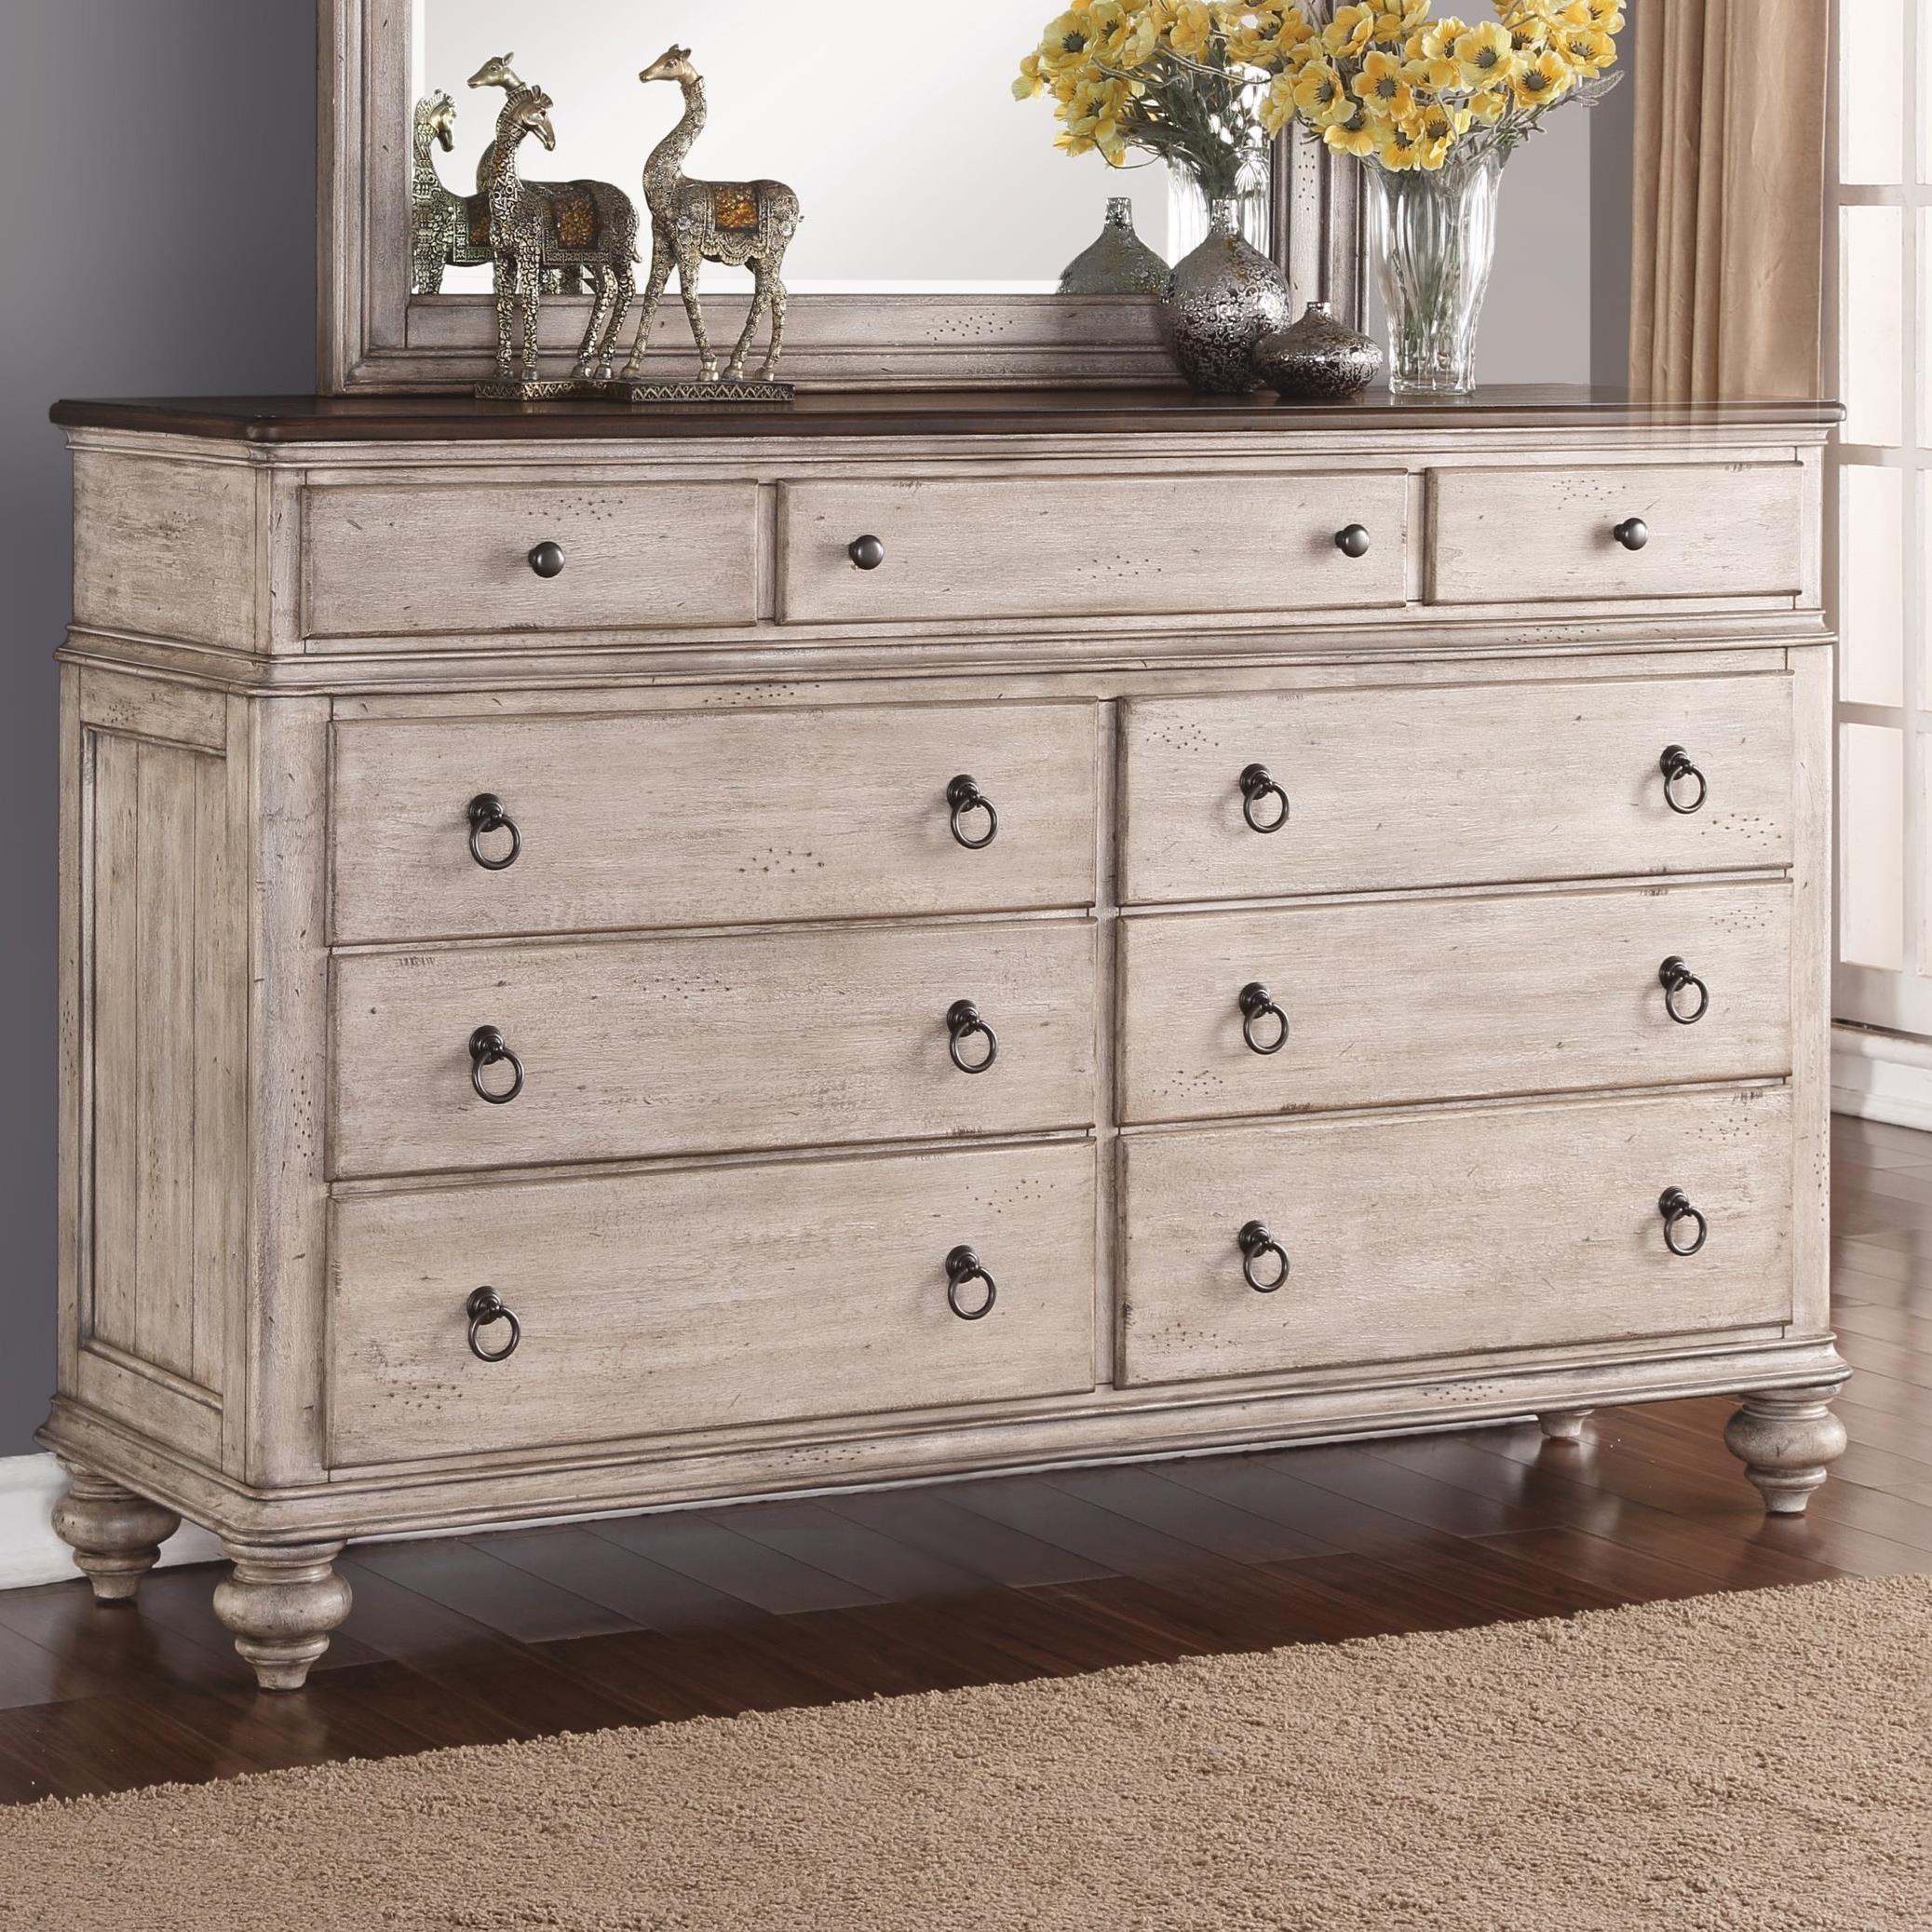 flexsteel wynwood collection plymouth cottage 9drawer dresser with falsebottom drawer john v schultz furniture dressers - Wynwood Furniture